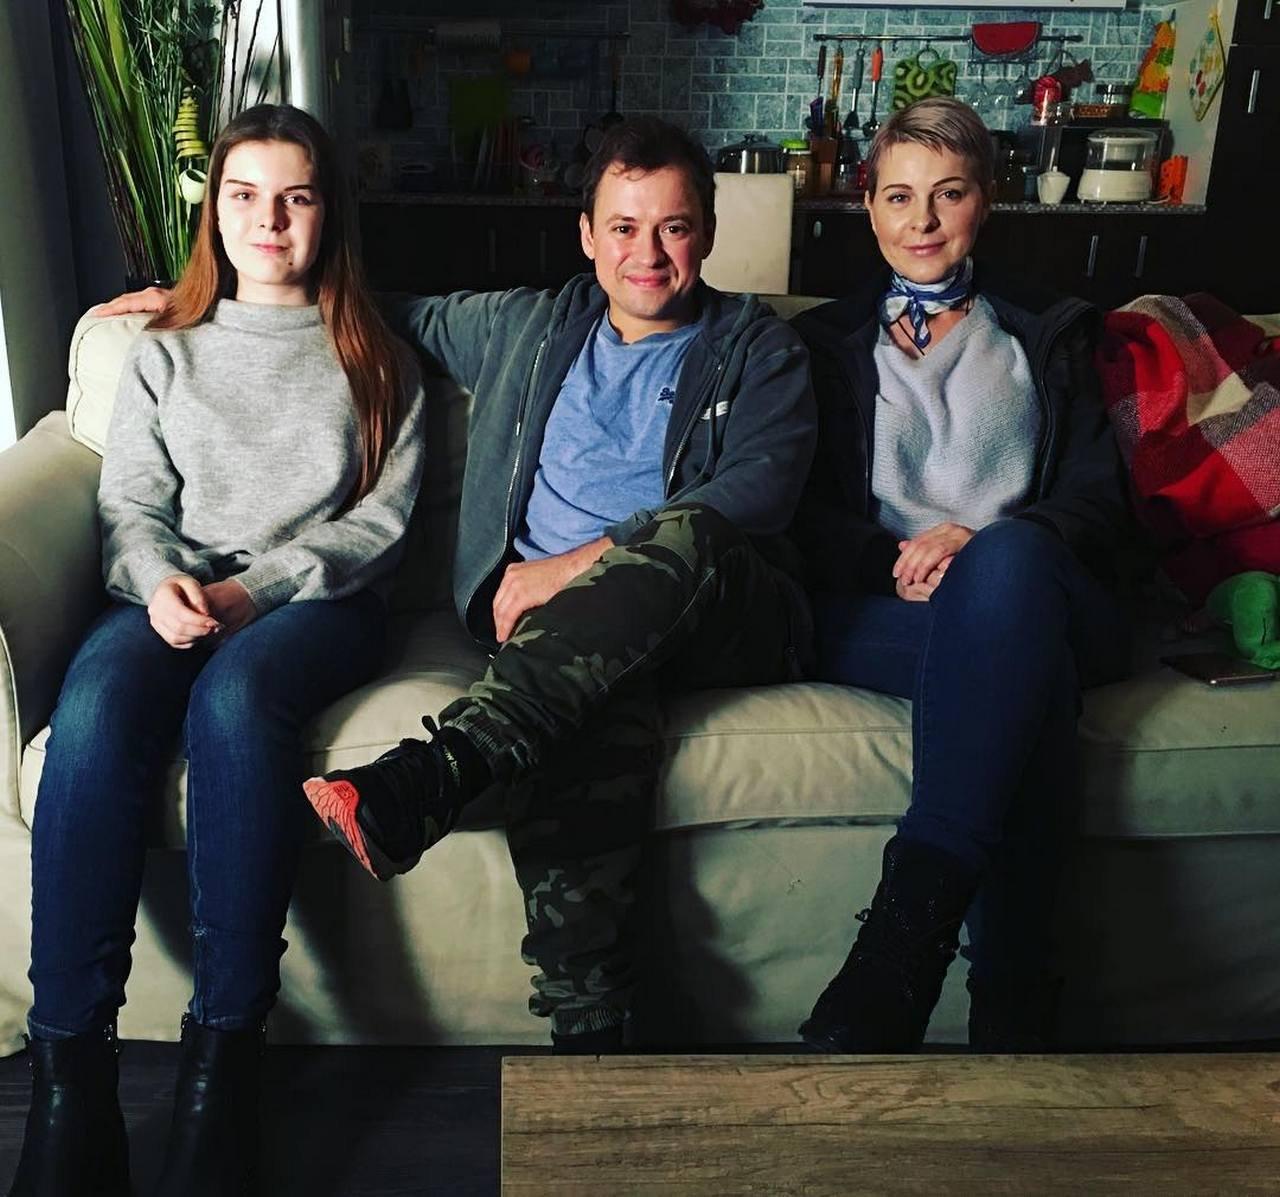 Звезда Универа Андрей Гайдулян успешно прошел химиотерапию рекомендации